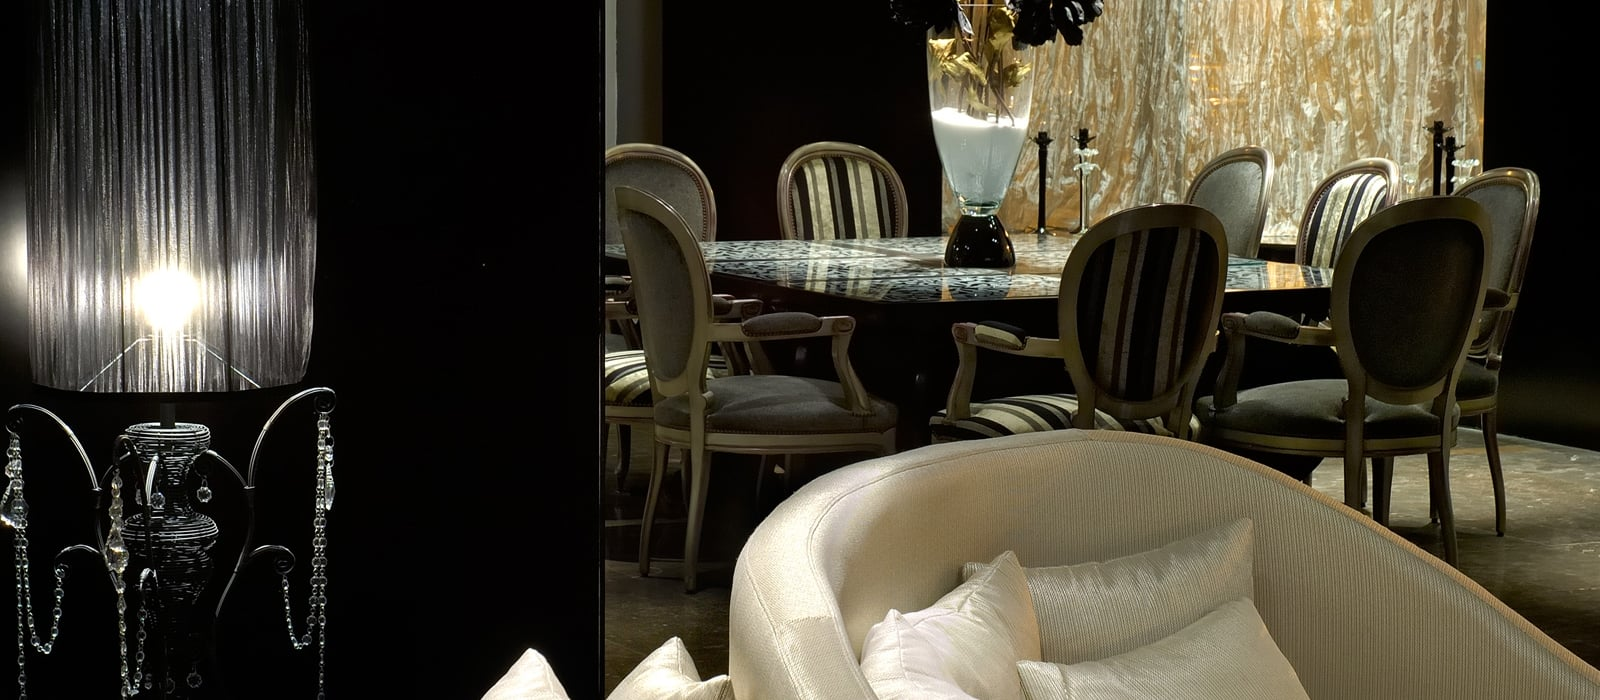 Offres Hôtel Vincci Valencia Palace - Réservez maintenant et économisez -10%!